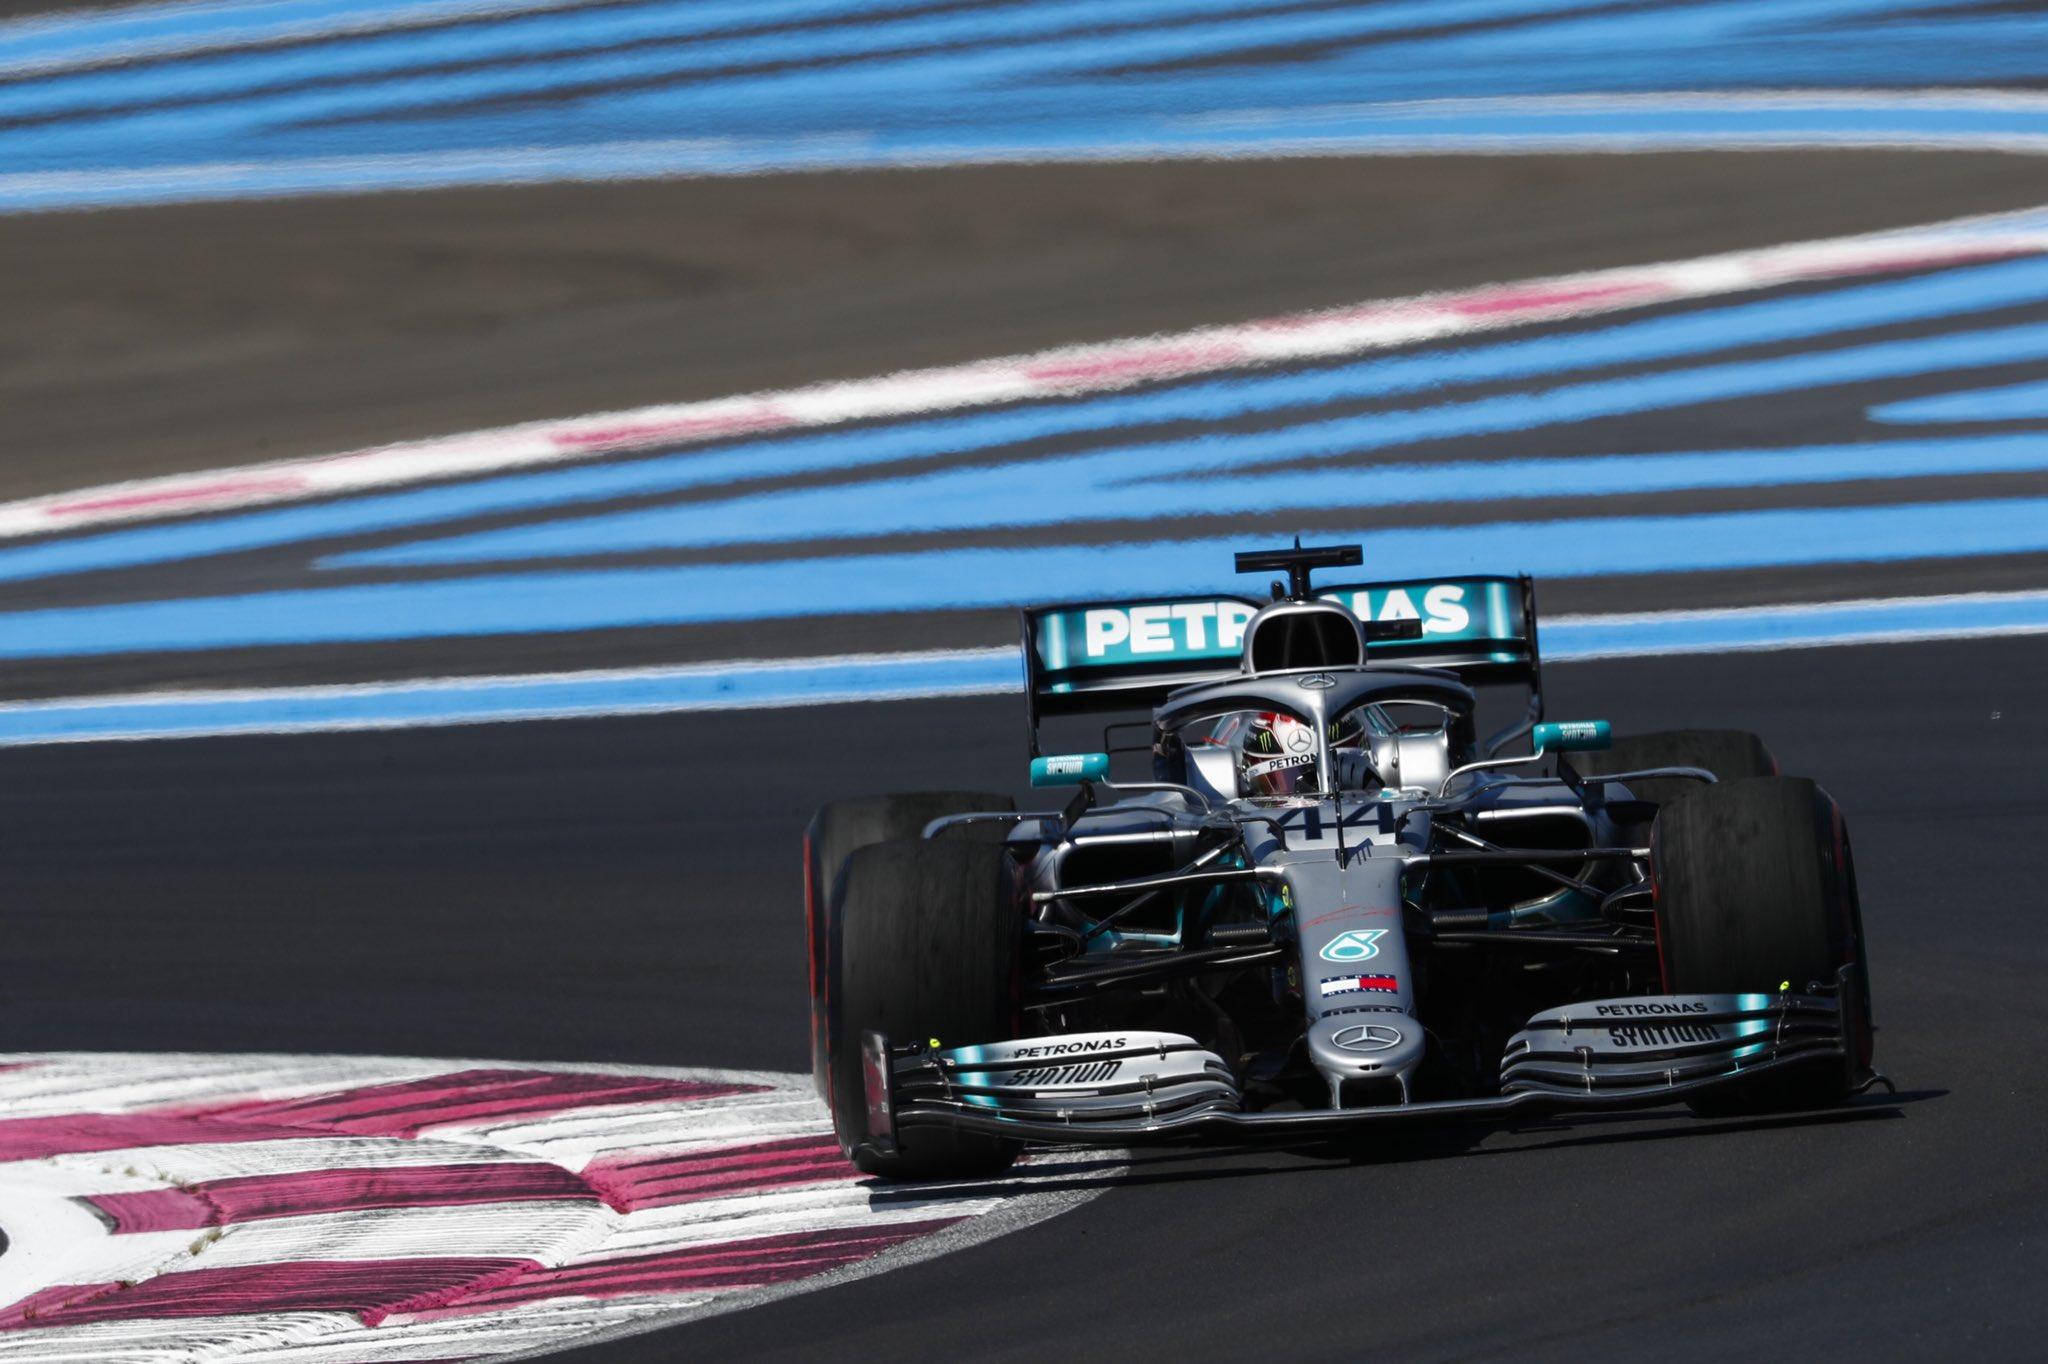 Льюис Хэмилтон - победитель гран-при Франции 2019